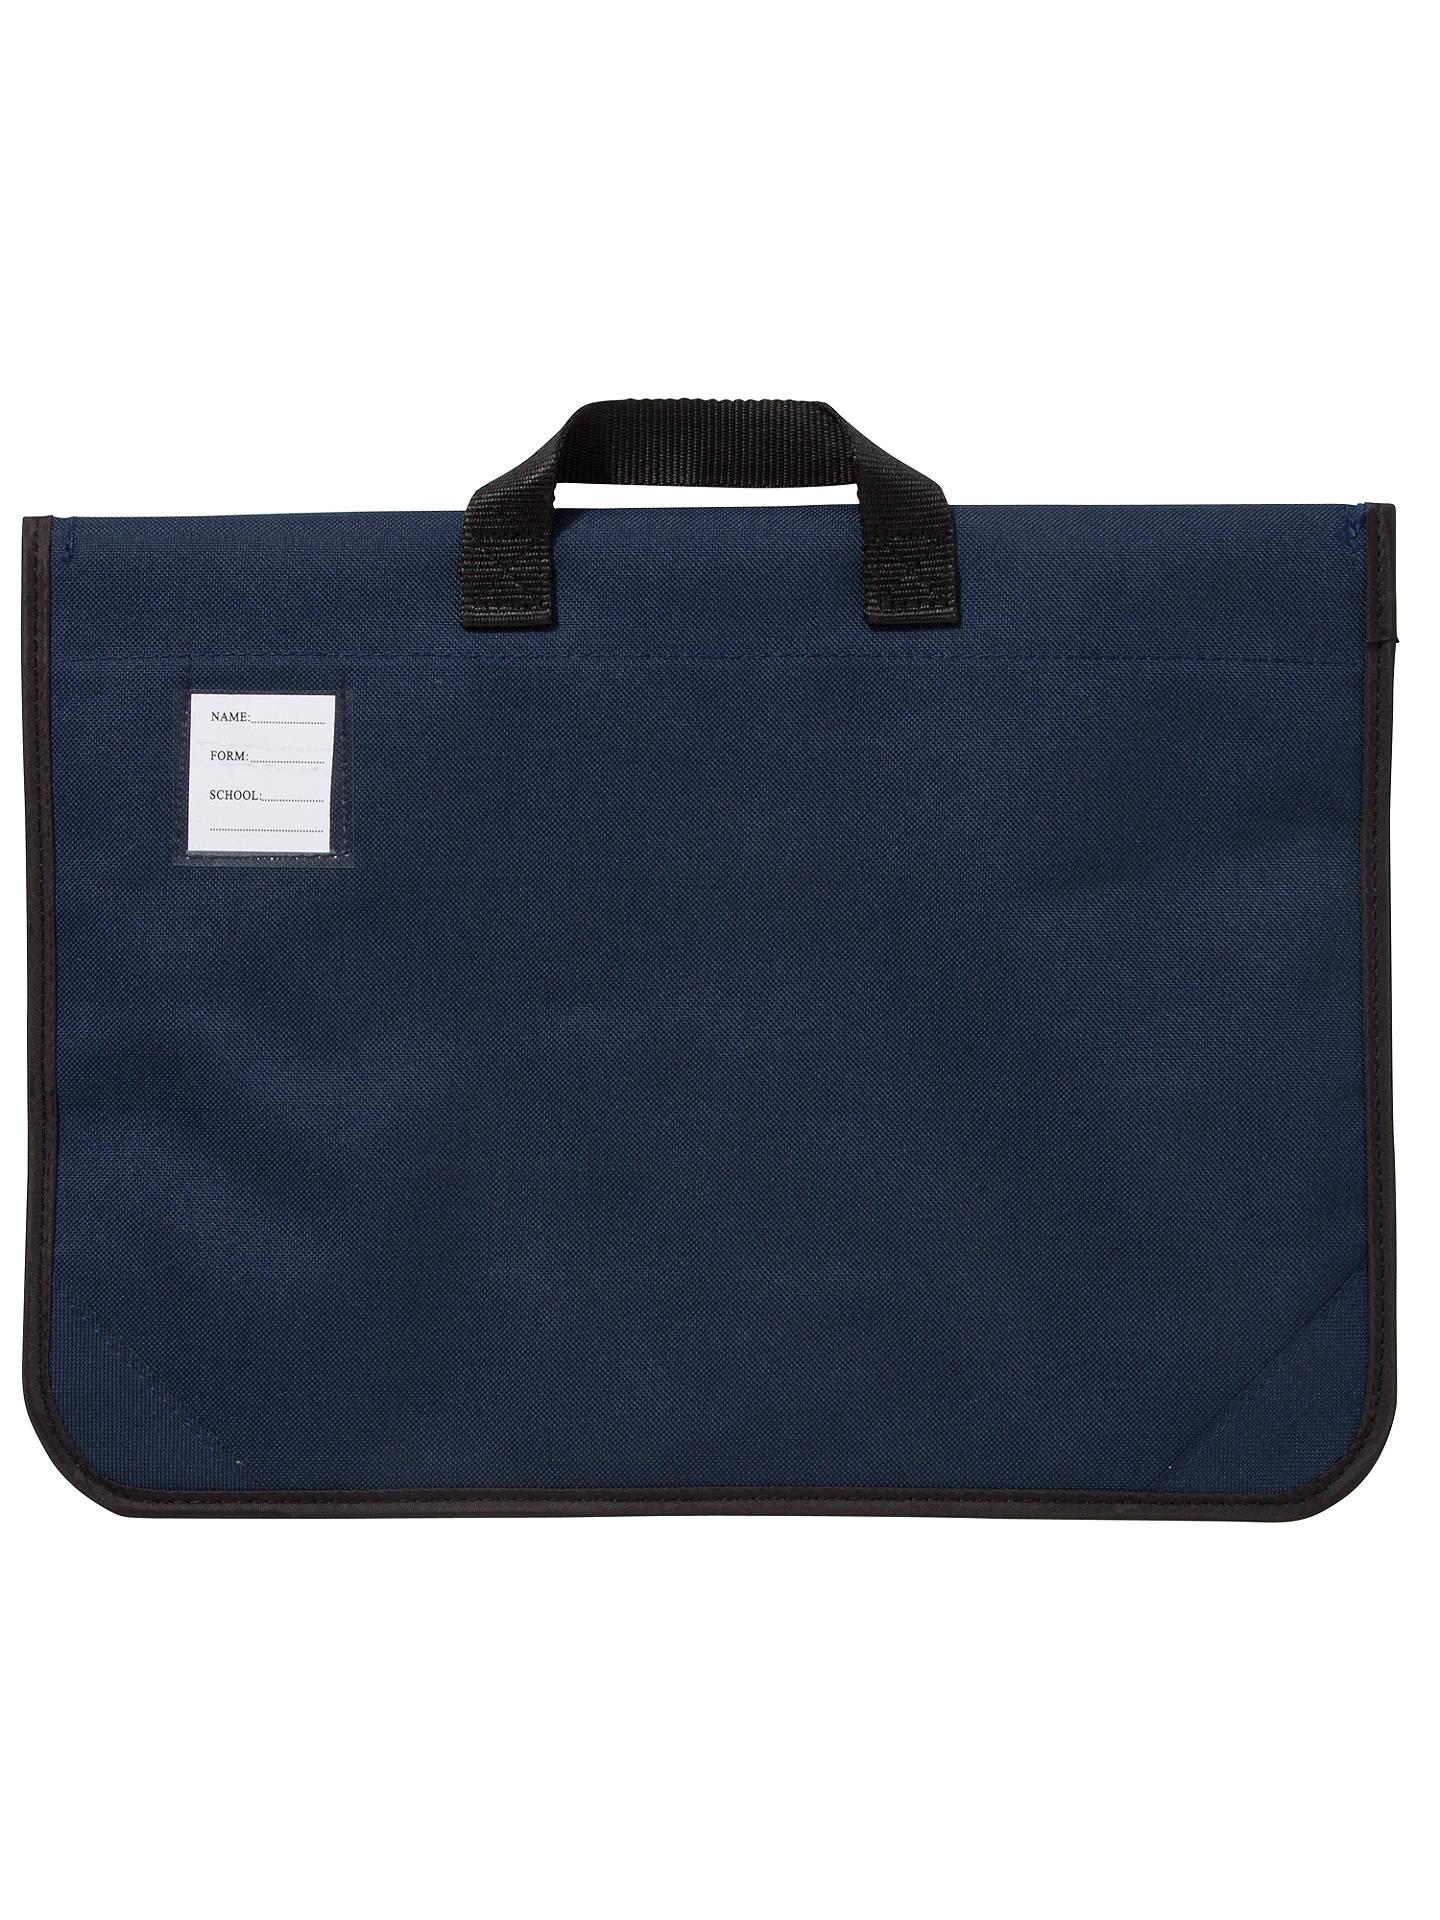 53fbd3af690a ... BuyThomson House School Unisex Book Bag